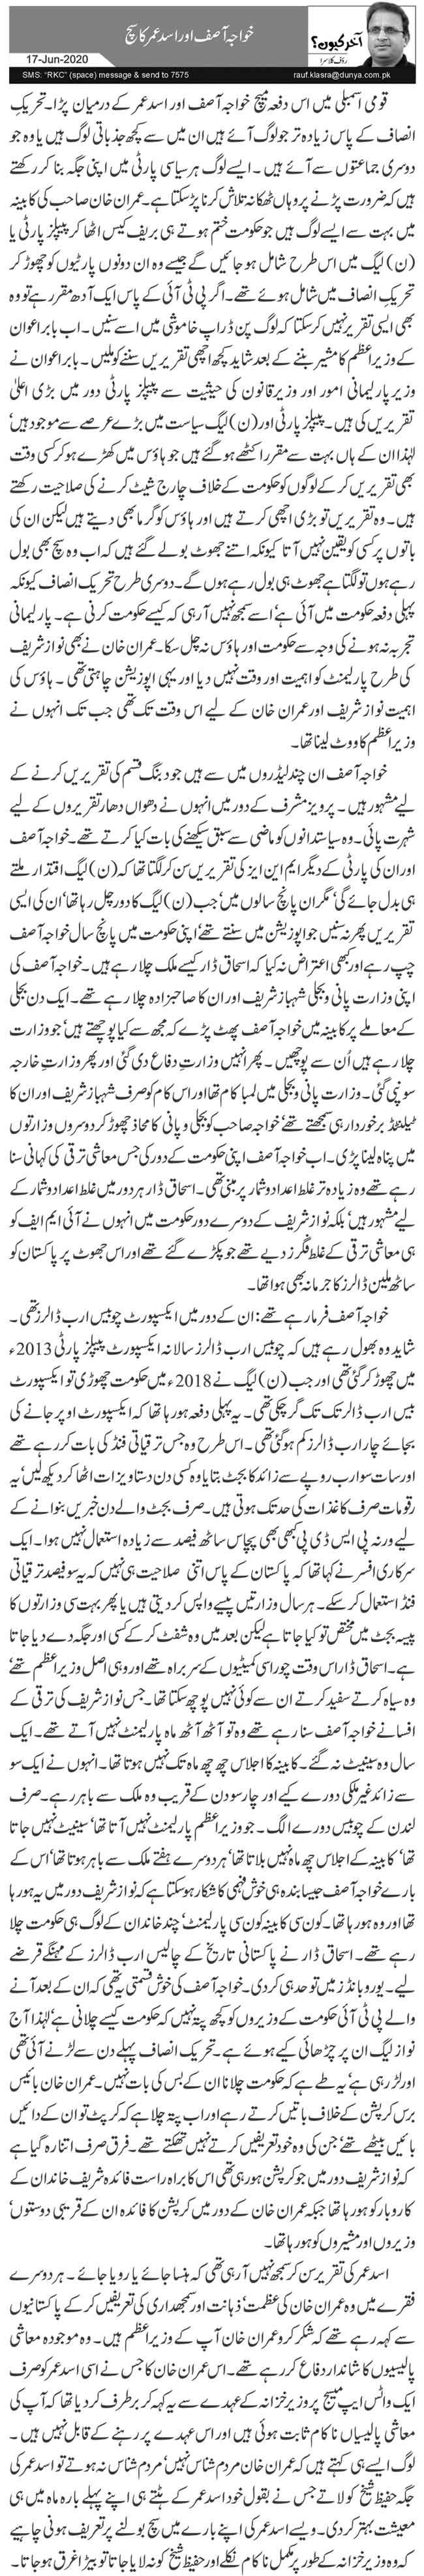 خواجہ آصف اور اسد عمر کا سچ